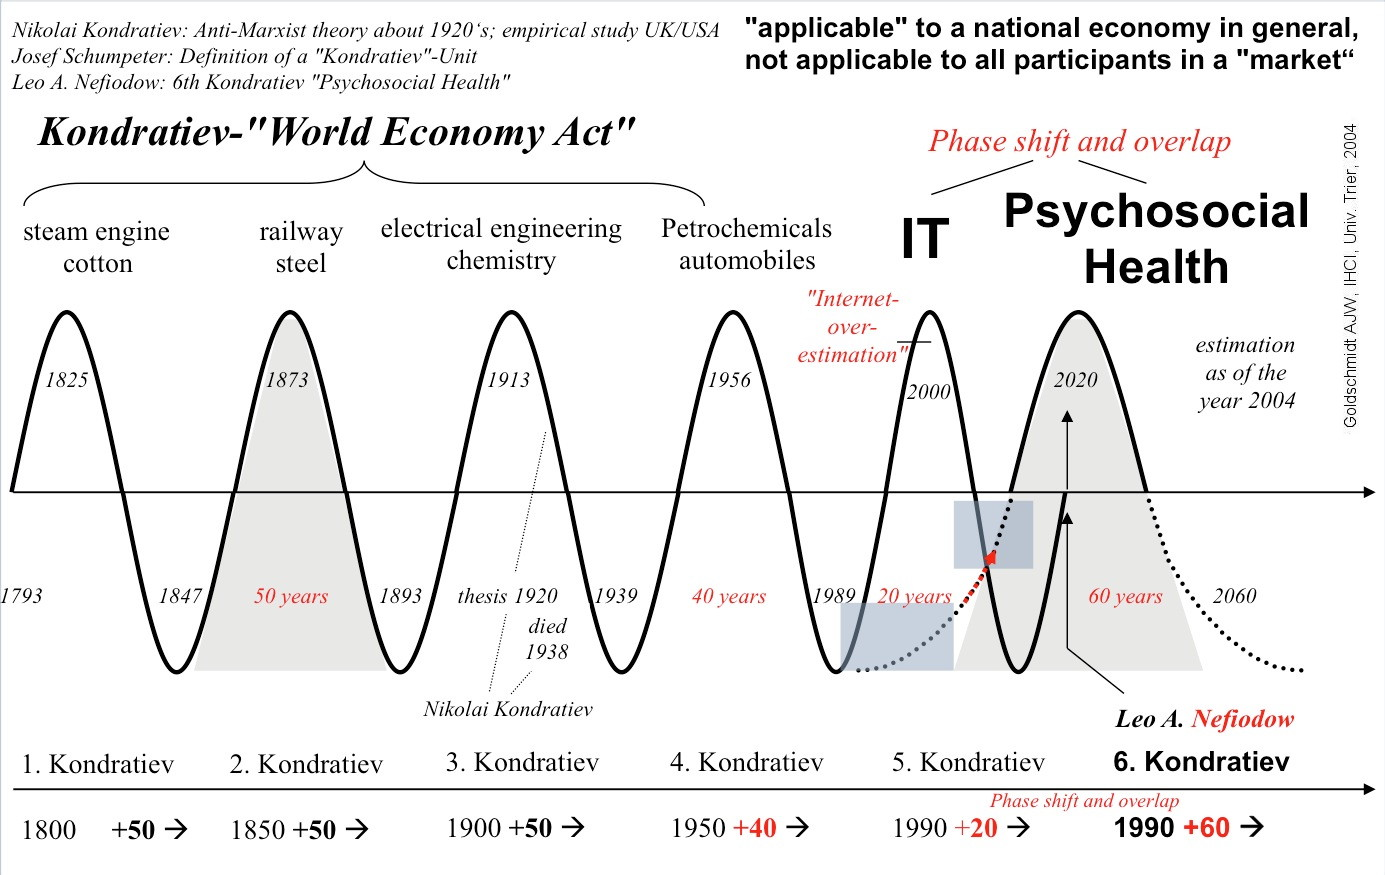 Nền kinh tế chia sẻ, những công việc tương lai và chủ nghĩa hậu tư bản - Phần 2